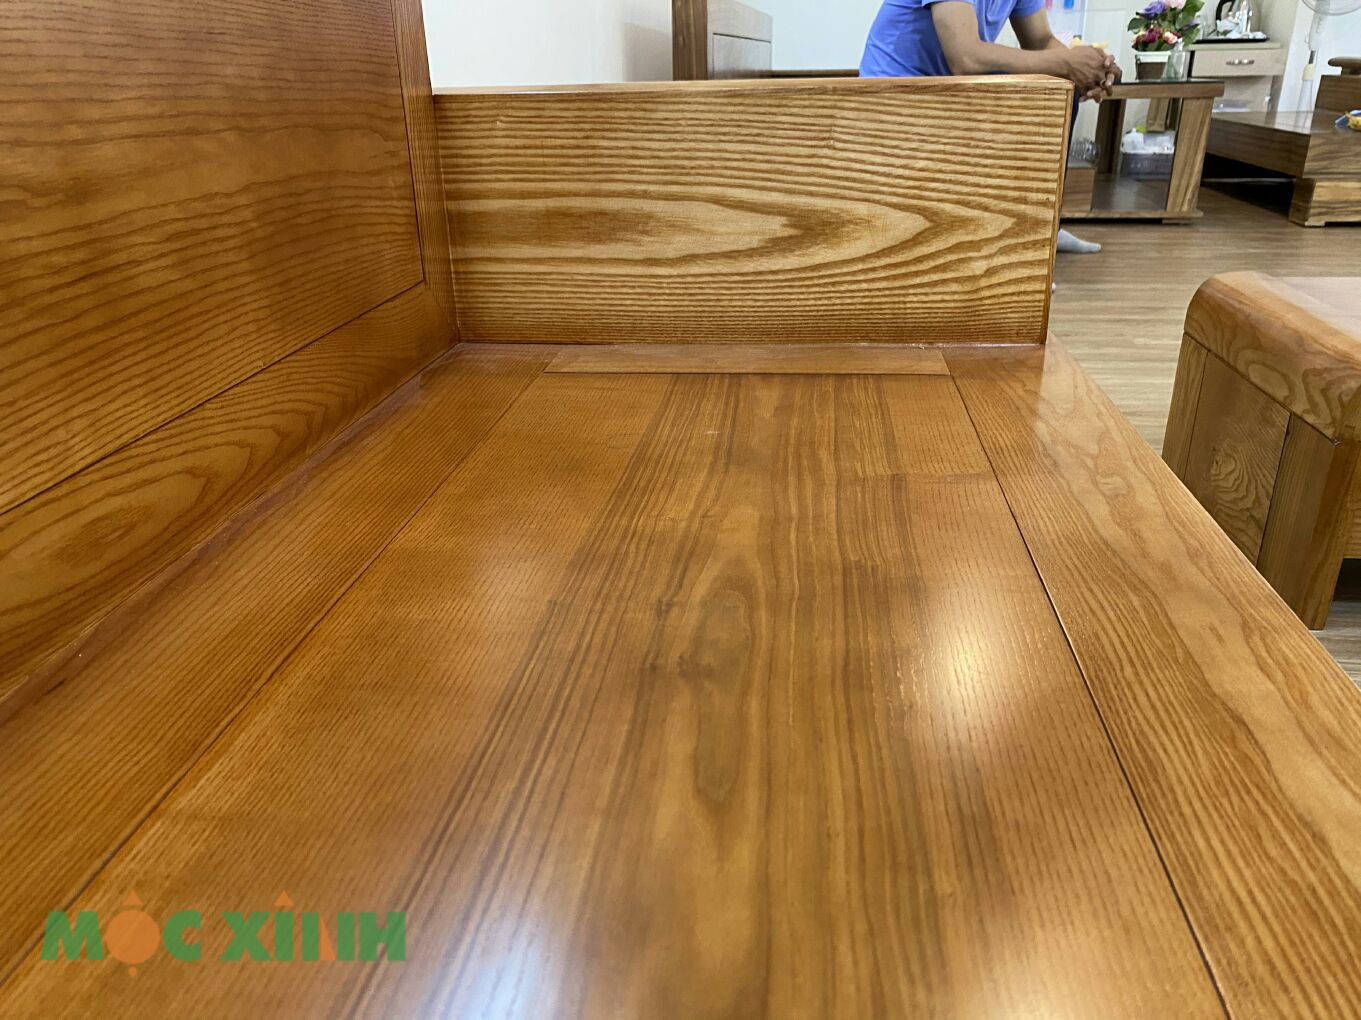 Các vân gỗ sồi nổi bật trên bề mặt ghế văng